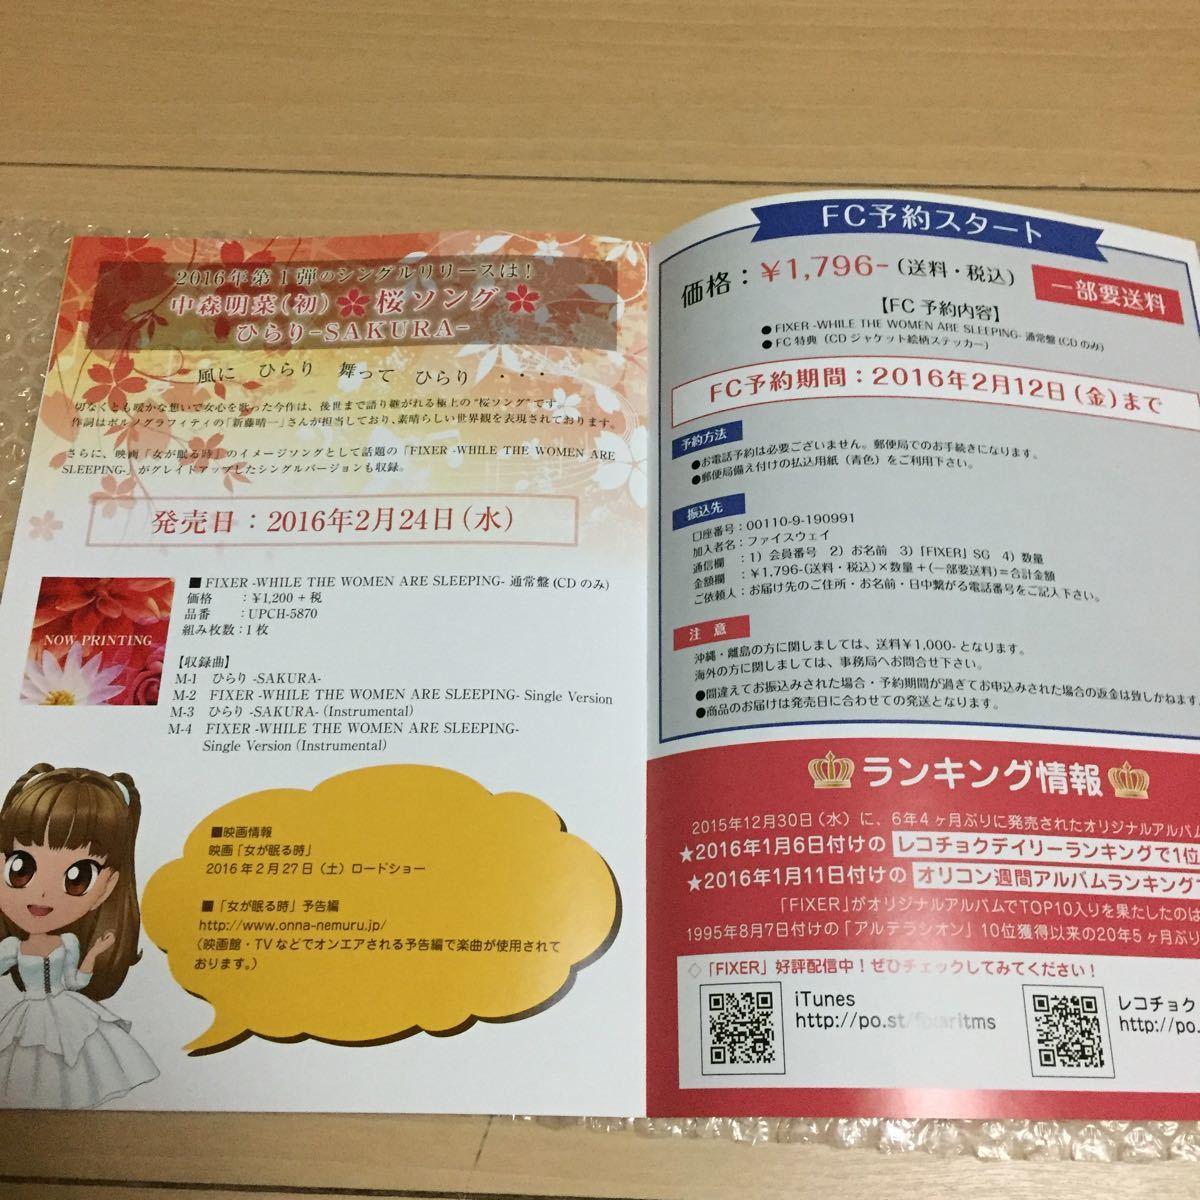 ☆中森明菜 ファンクラブ会報FAITHWAY vol.48 2016年_画像3